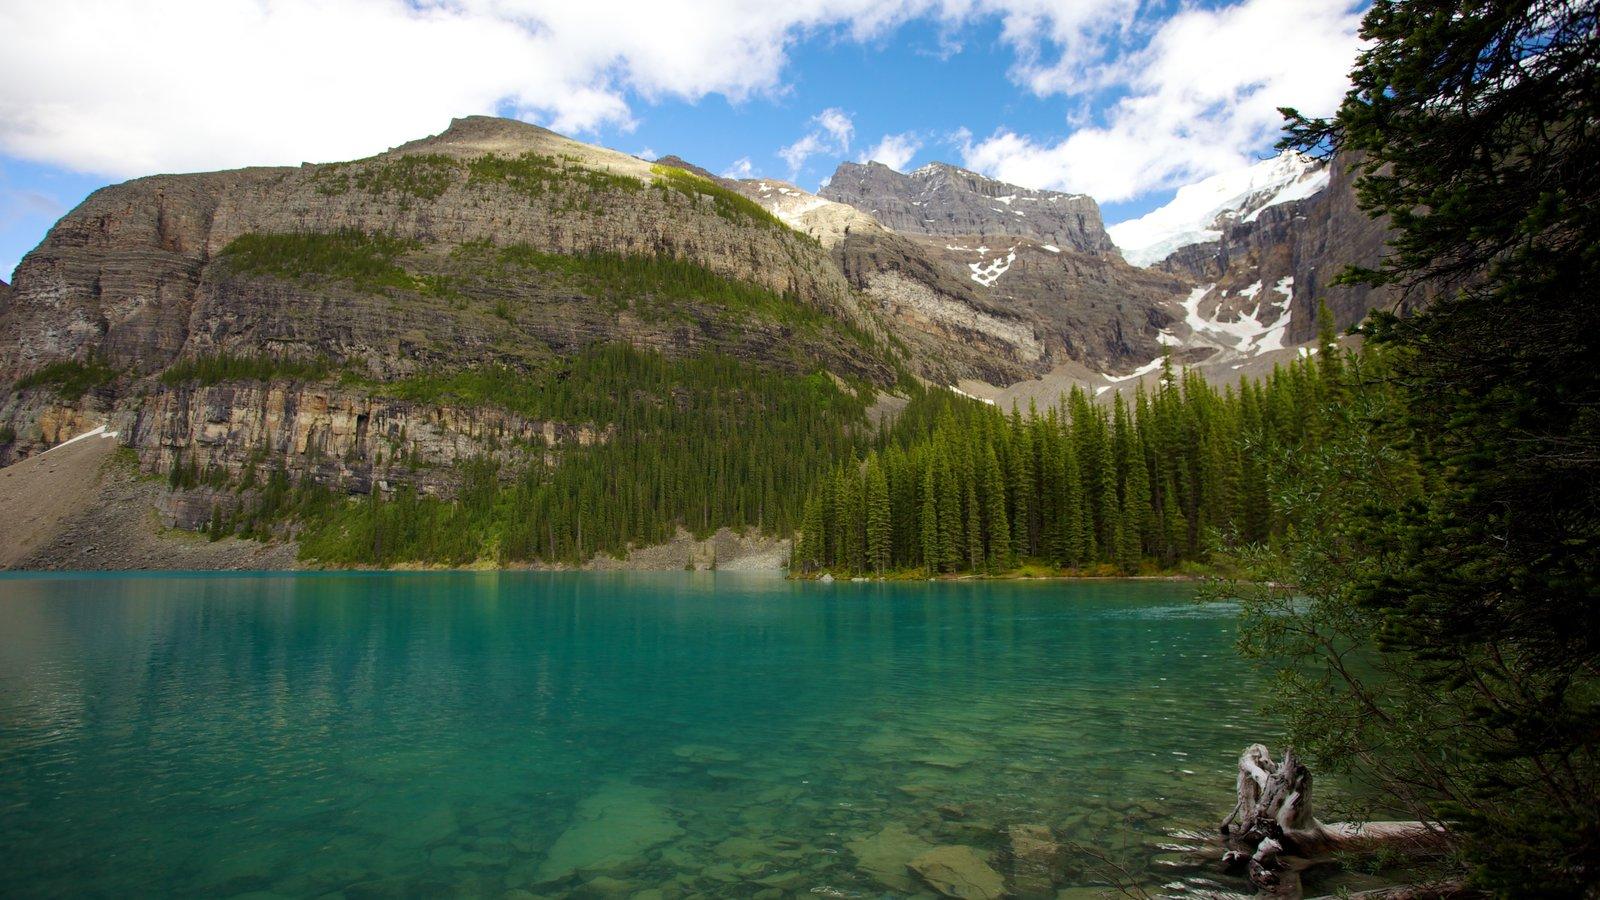 Lago Moraine que incluye un lago o abrevadero, montañas y vistas de paisajes